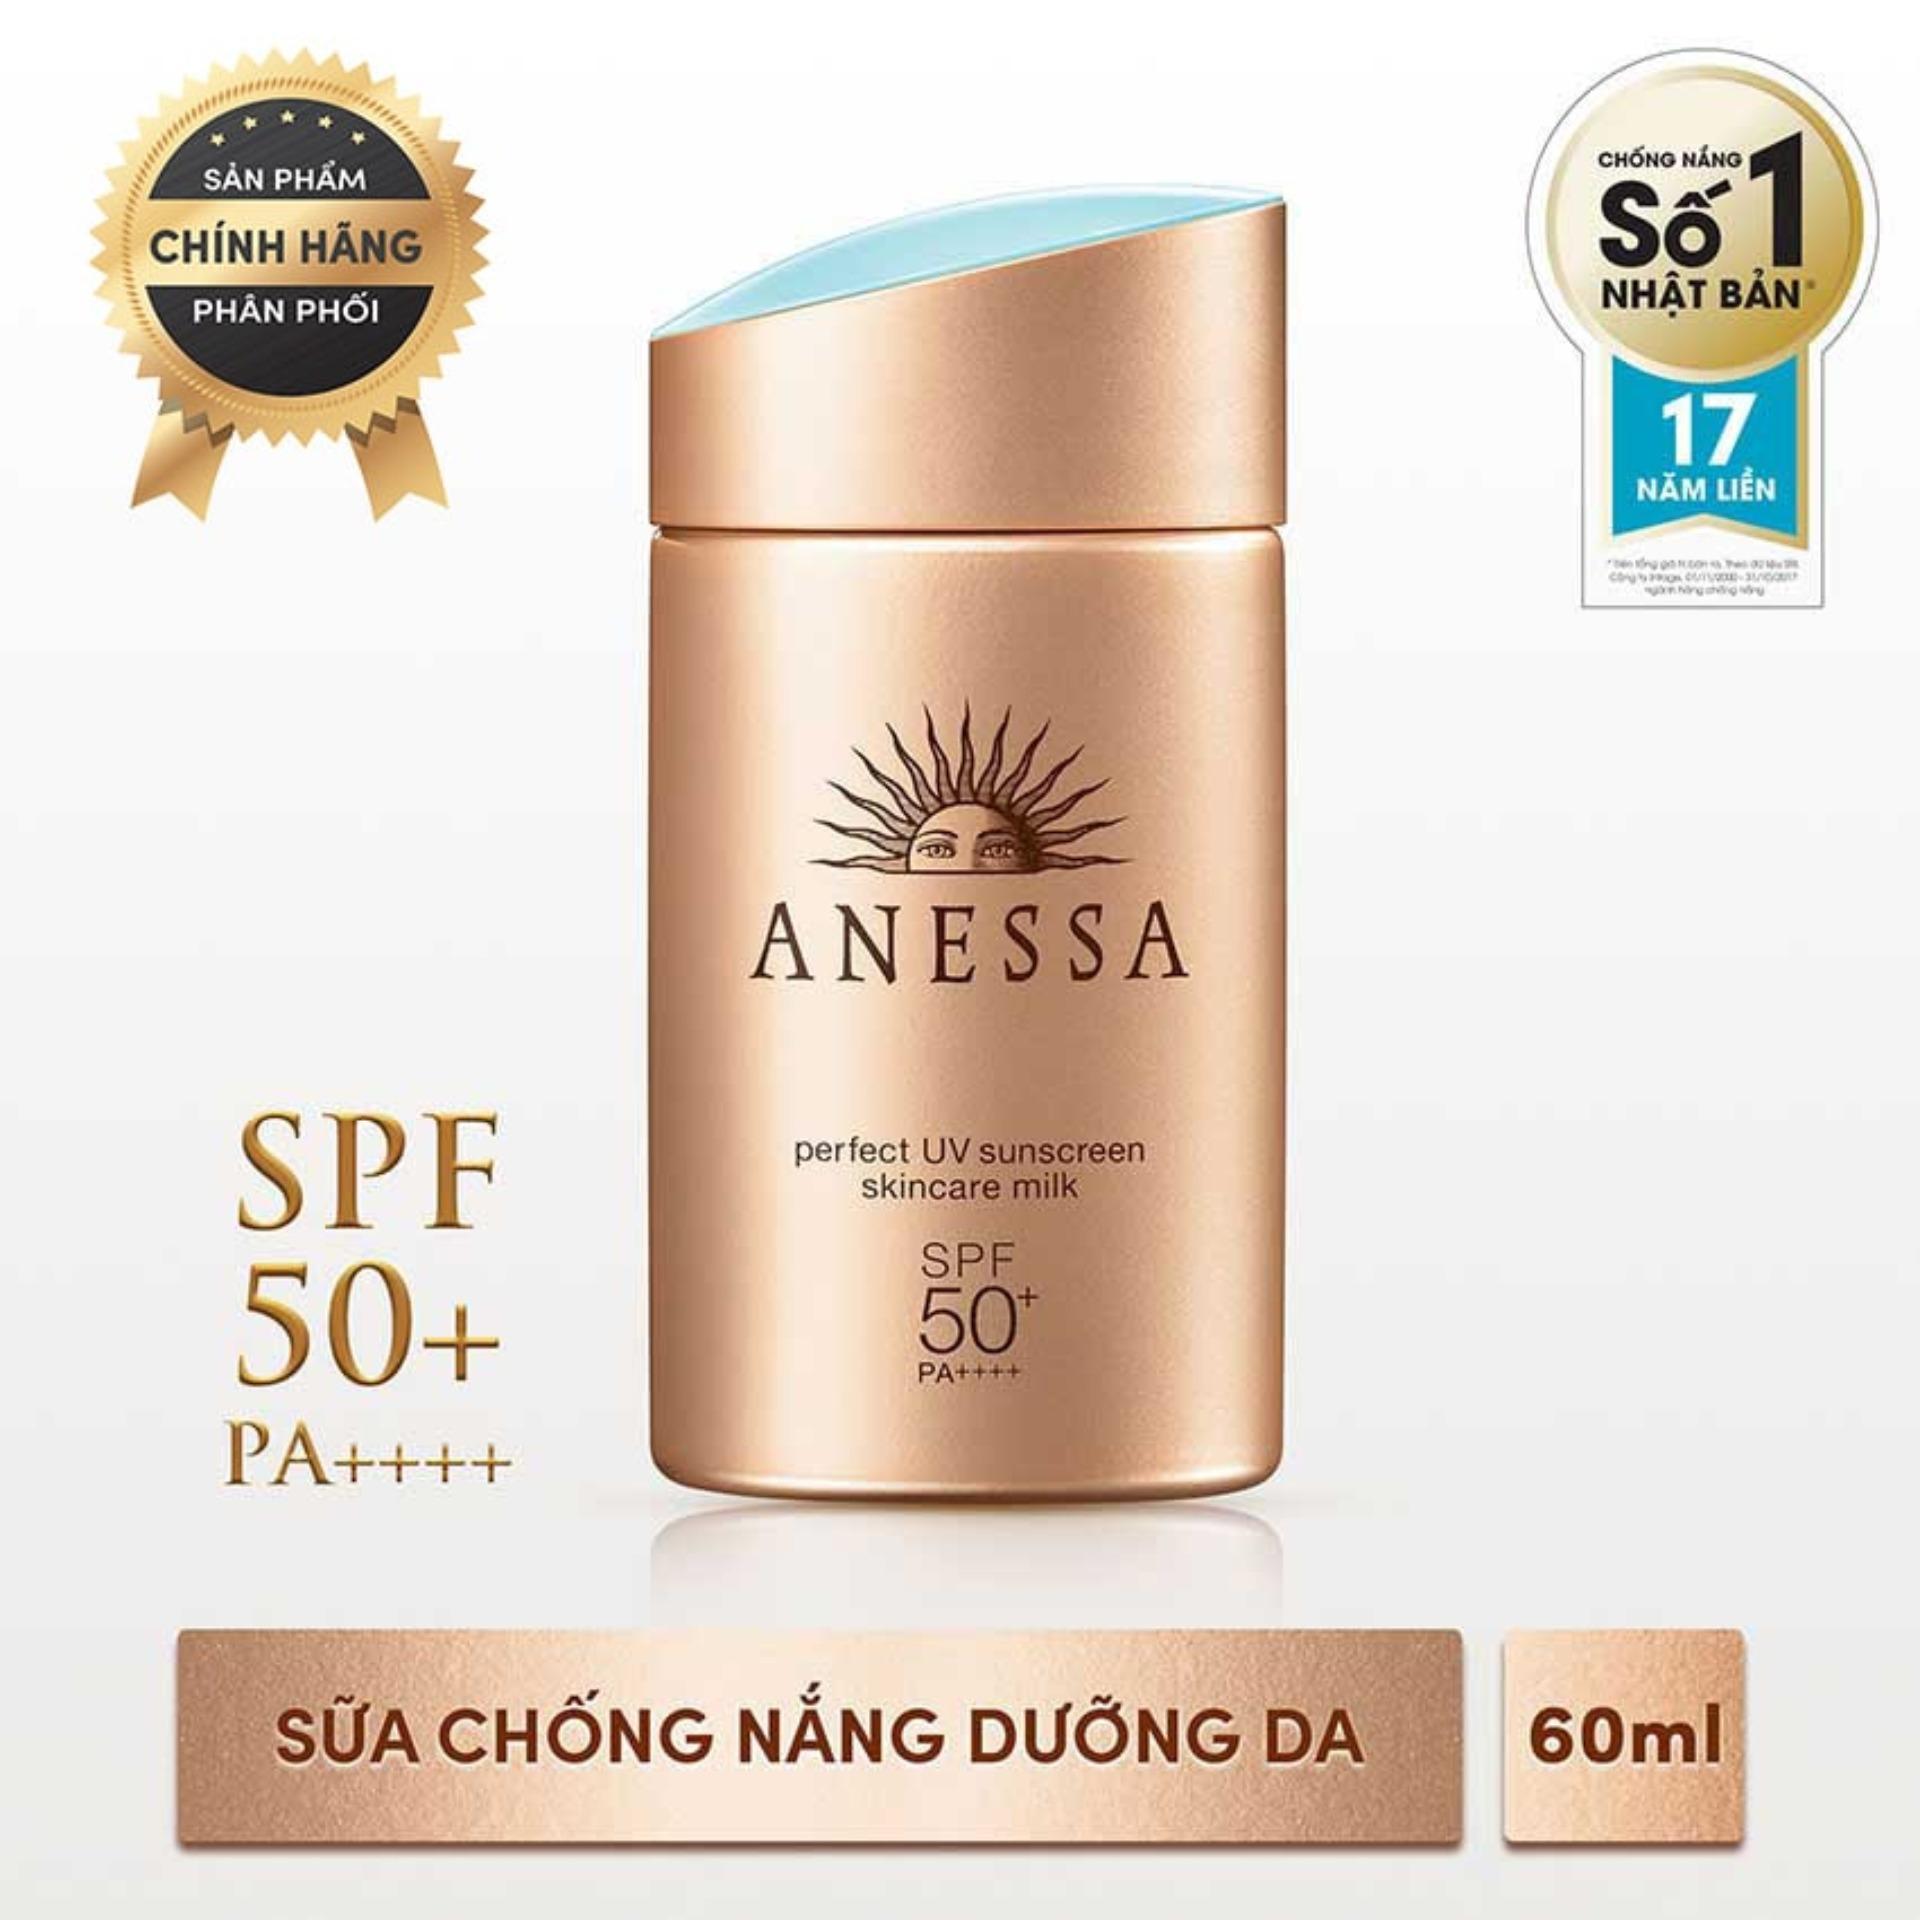 Hình ảnh [FREESHIP - VOUCHER GIẢM THÊM 10%] [HOT] Sữa chống nắng bảo vệ hoàn hảo Anessa Perfect UV Sunscreen Skincare Milk - SPF 50+, PA++++ - 60ml